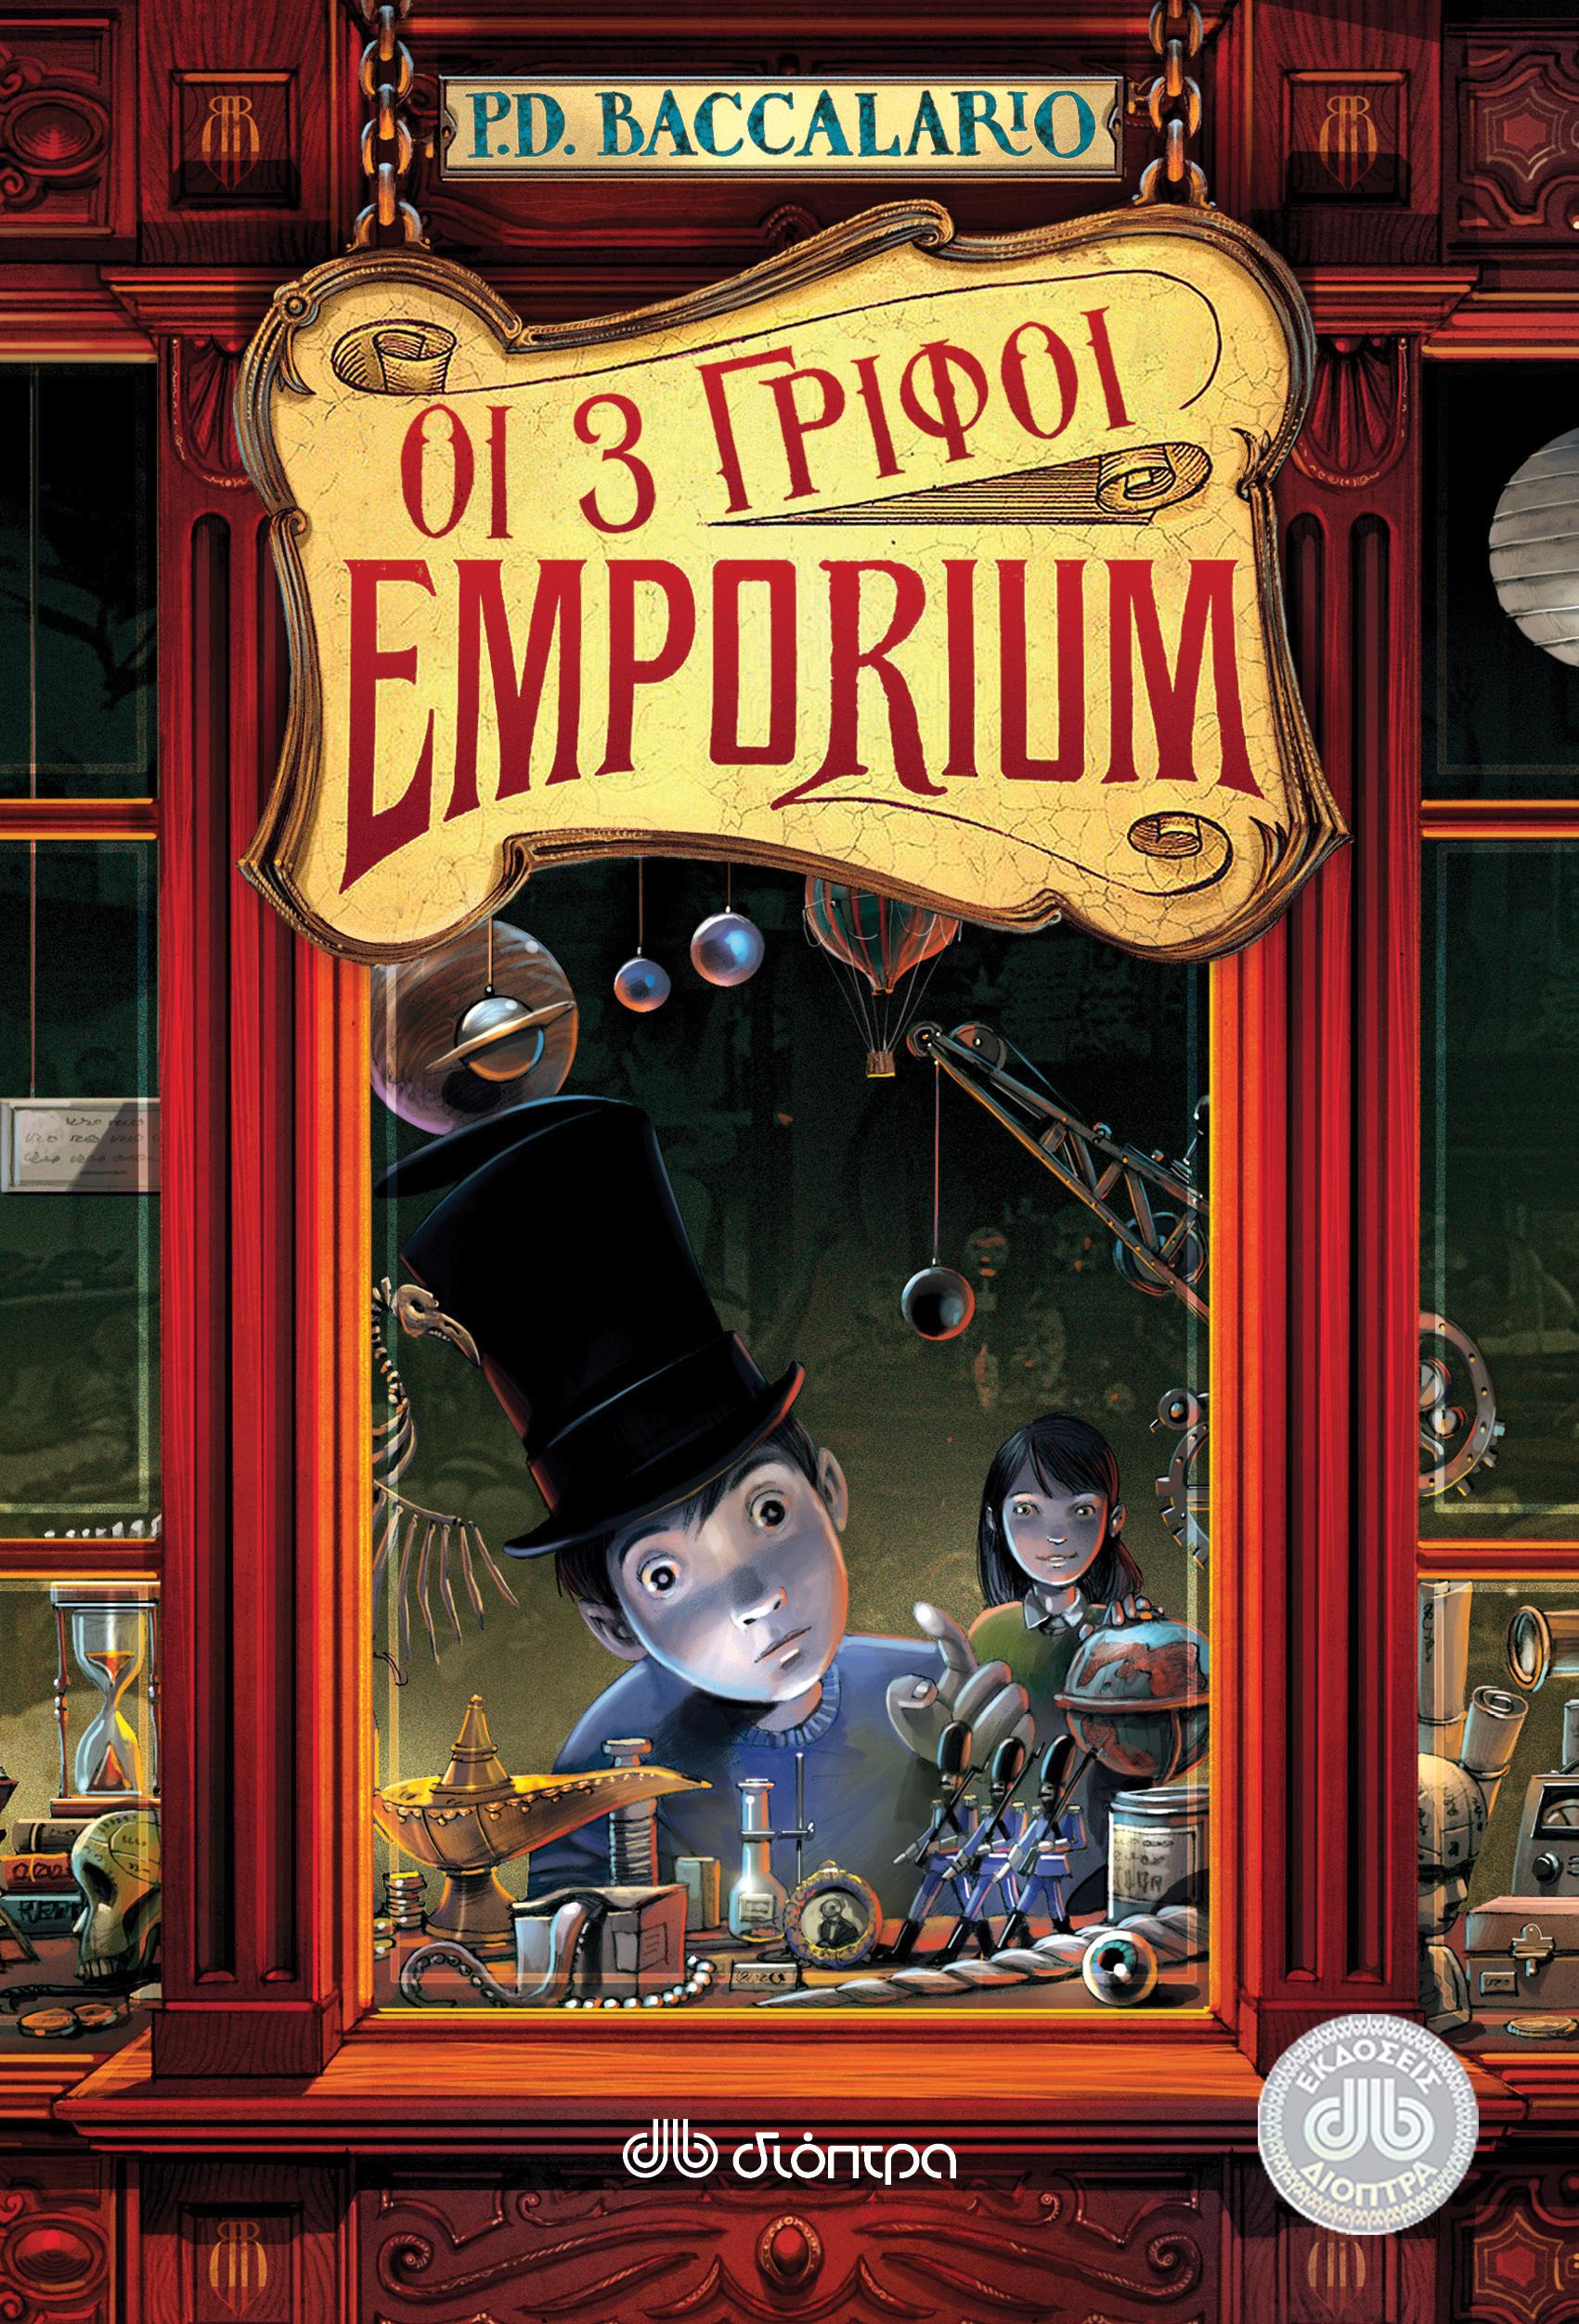 Οι 3 Γρίφοι (Emporium #1)